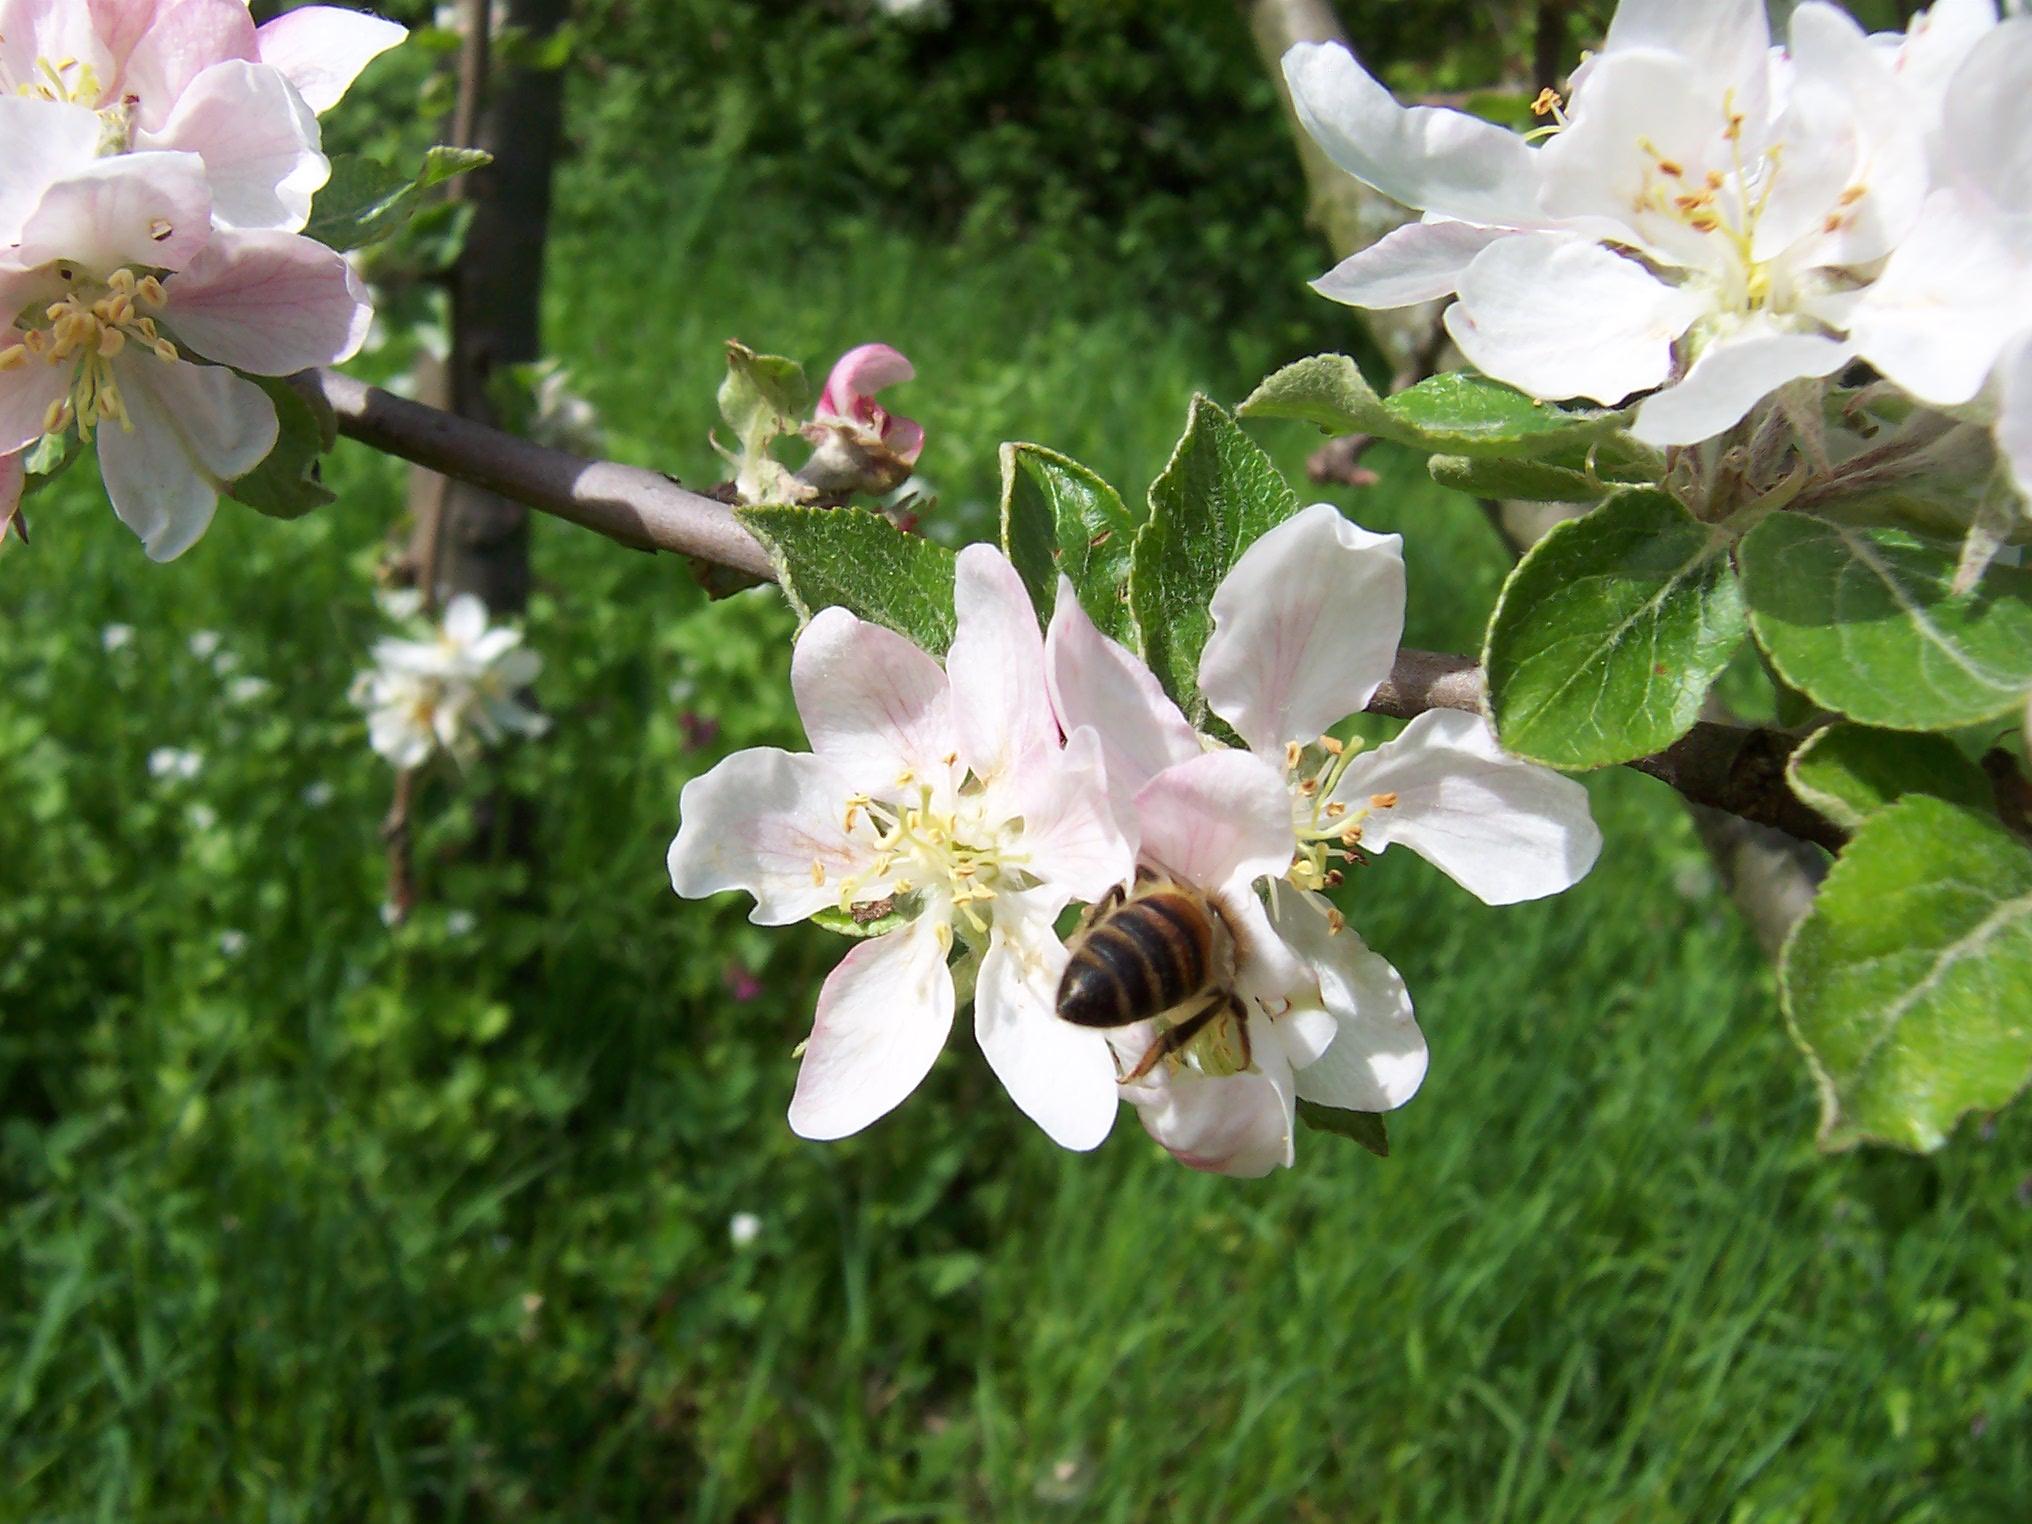 Honigbienen und Apfelblüten - das passt gut zusammen.